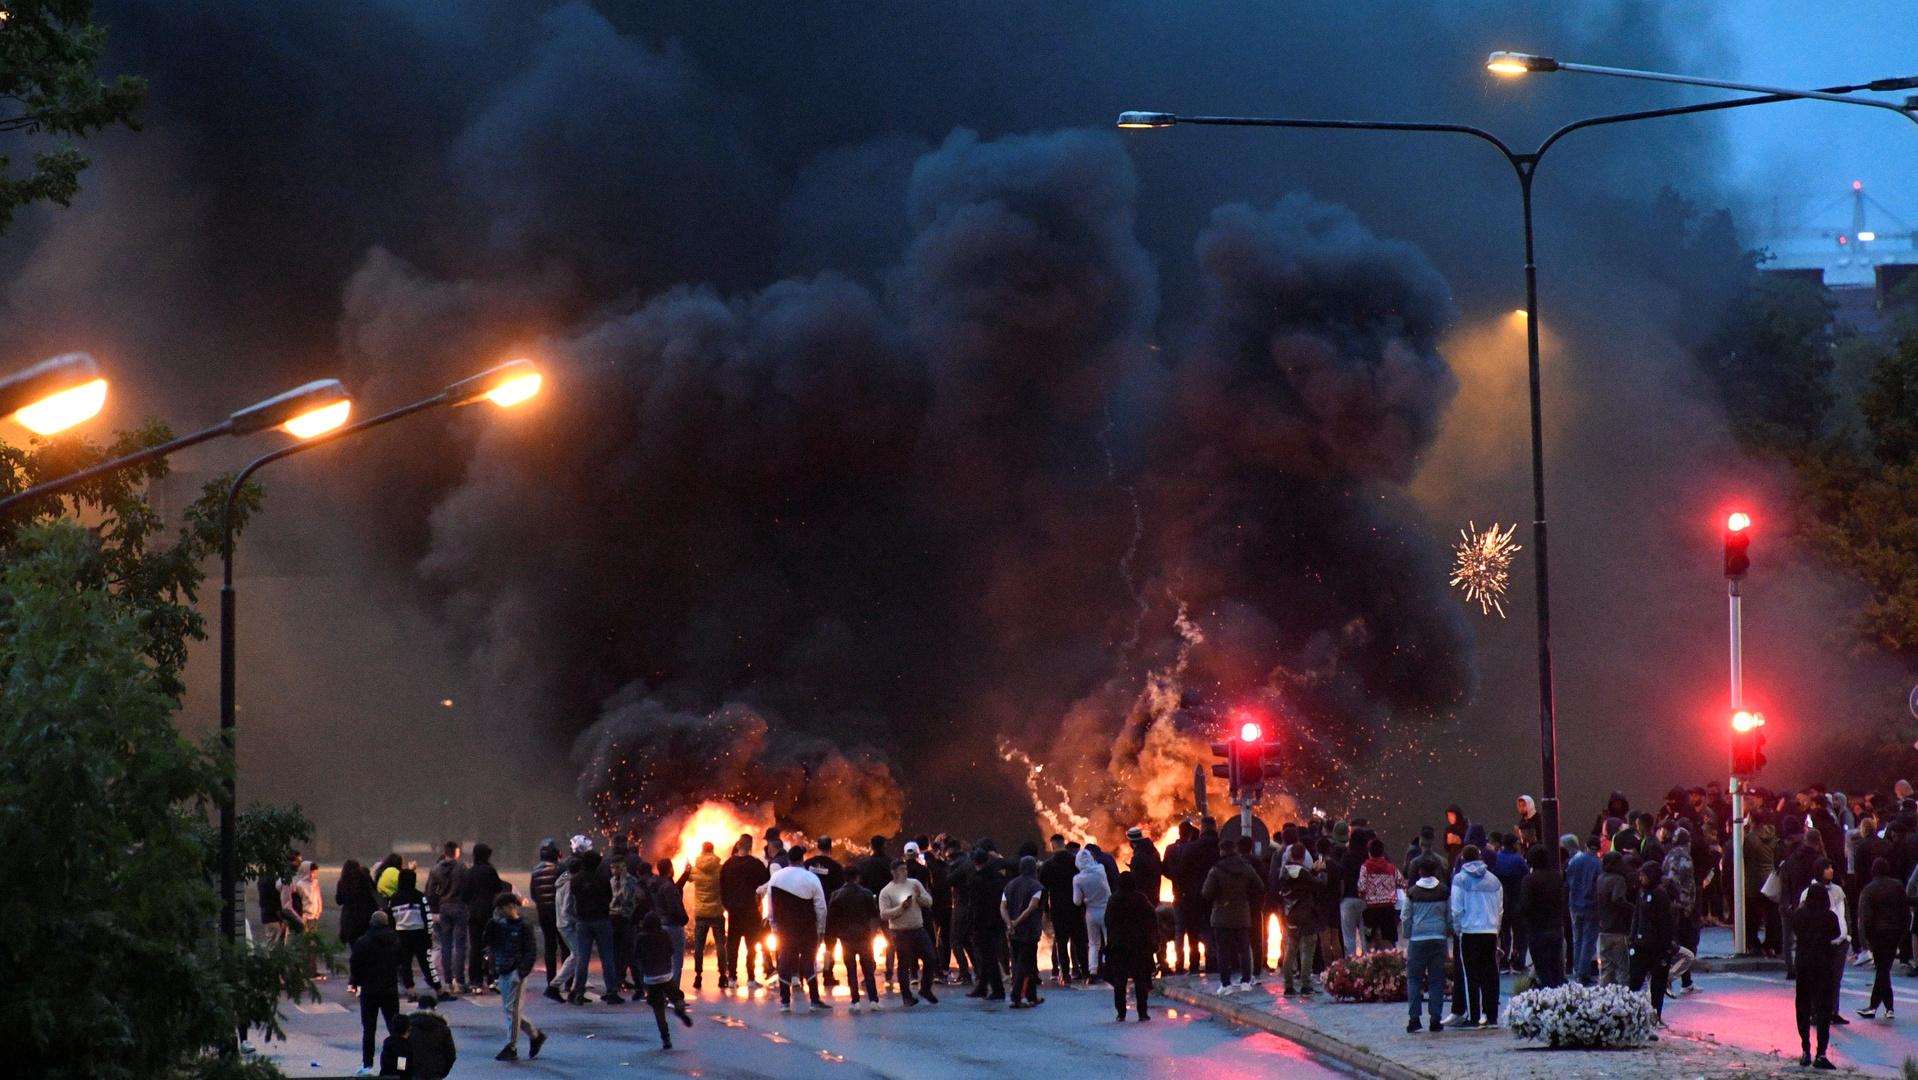 أعمال عنف في السويد بعد حادث إحراق نسخة من القرآن